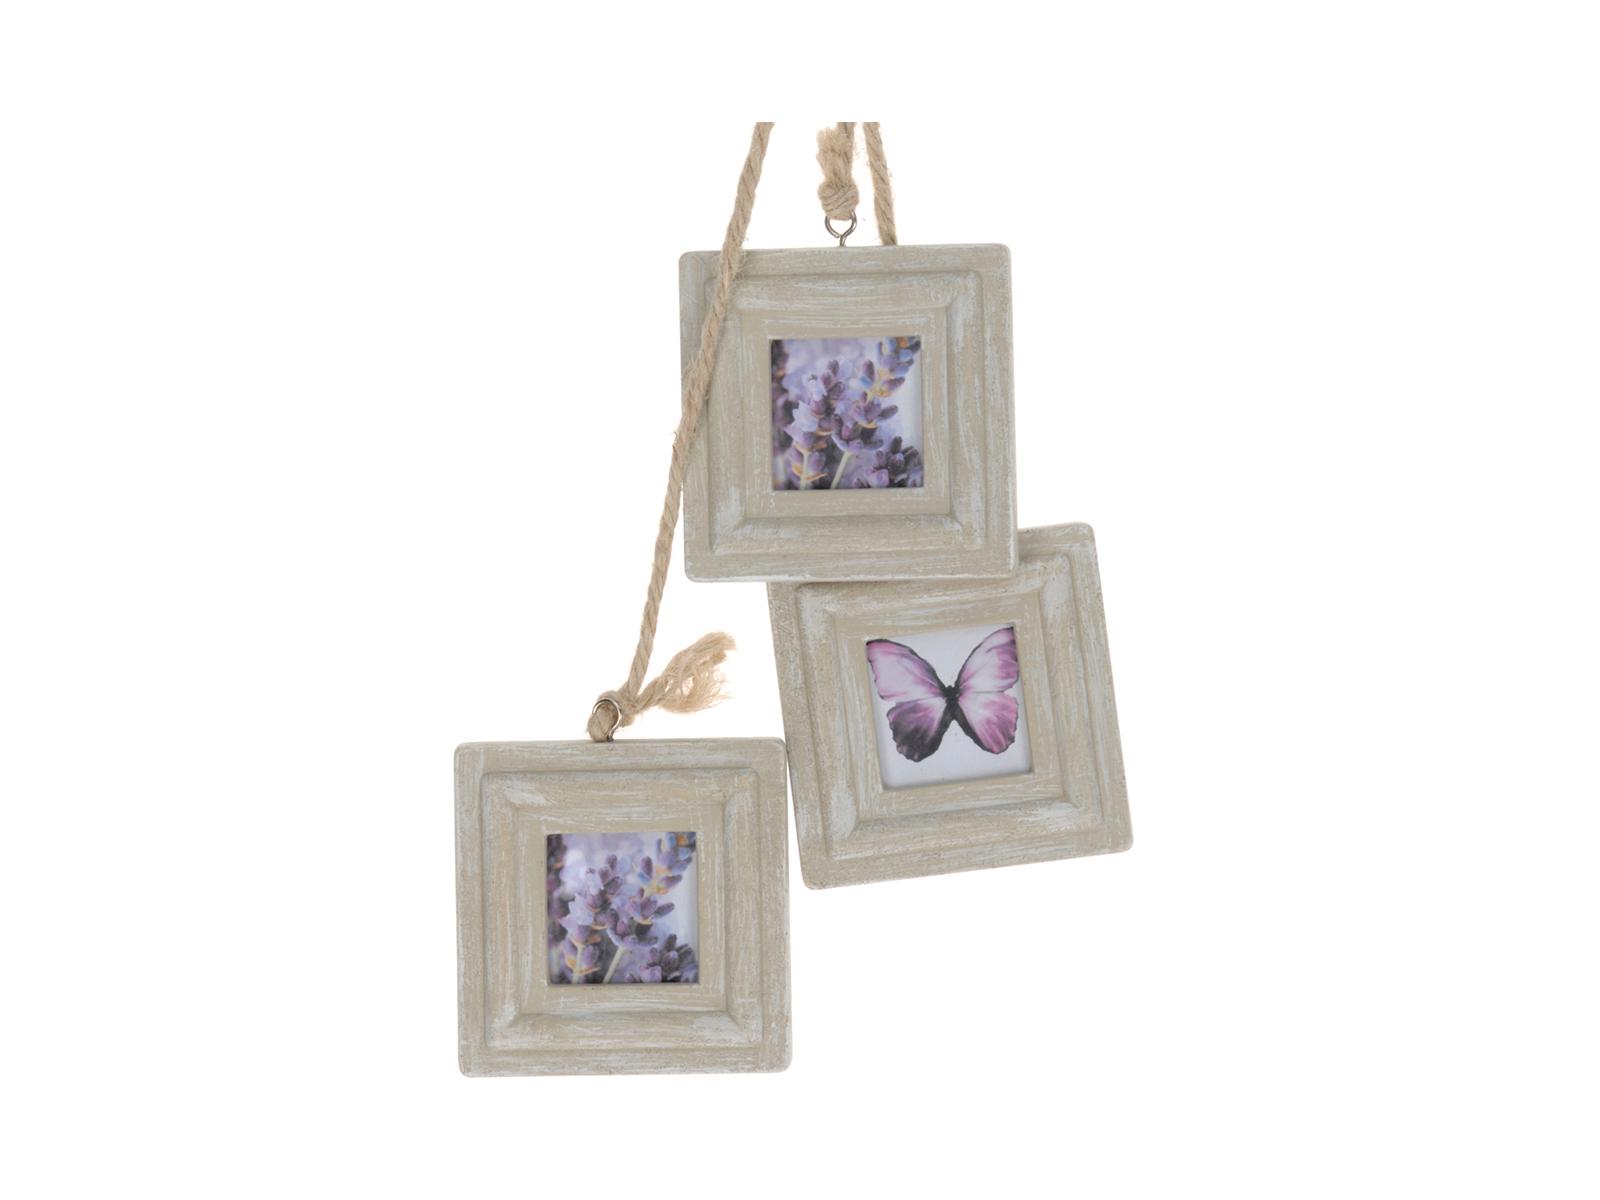 Фоторамки RavetФоторамки<br>Рамки для фотографий деревянная, для 3-х фотографий, подвесная<br>